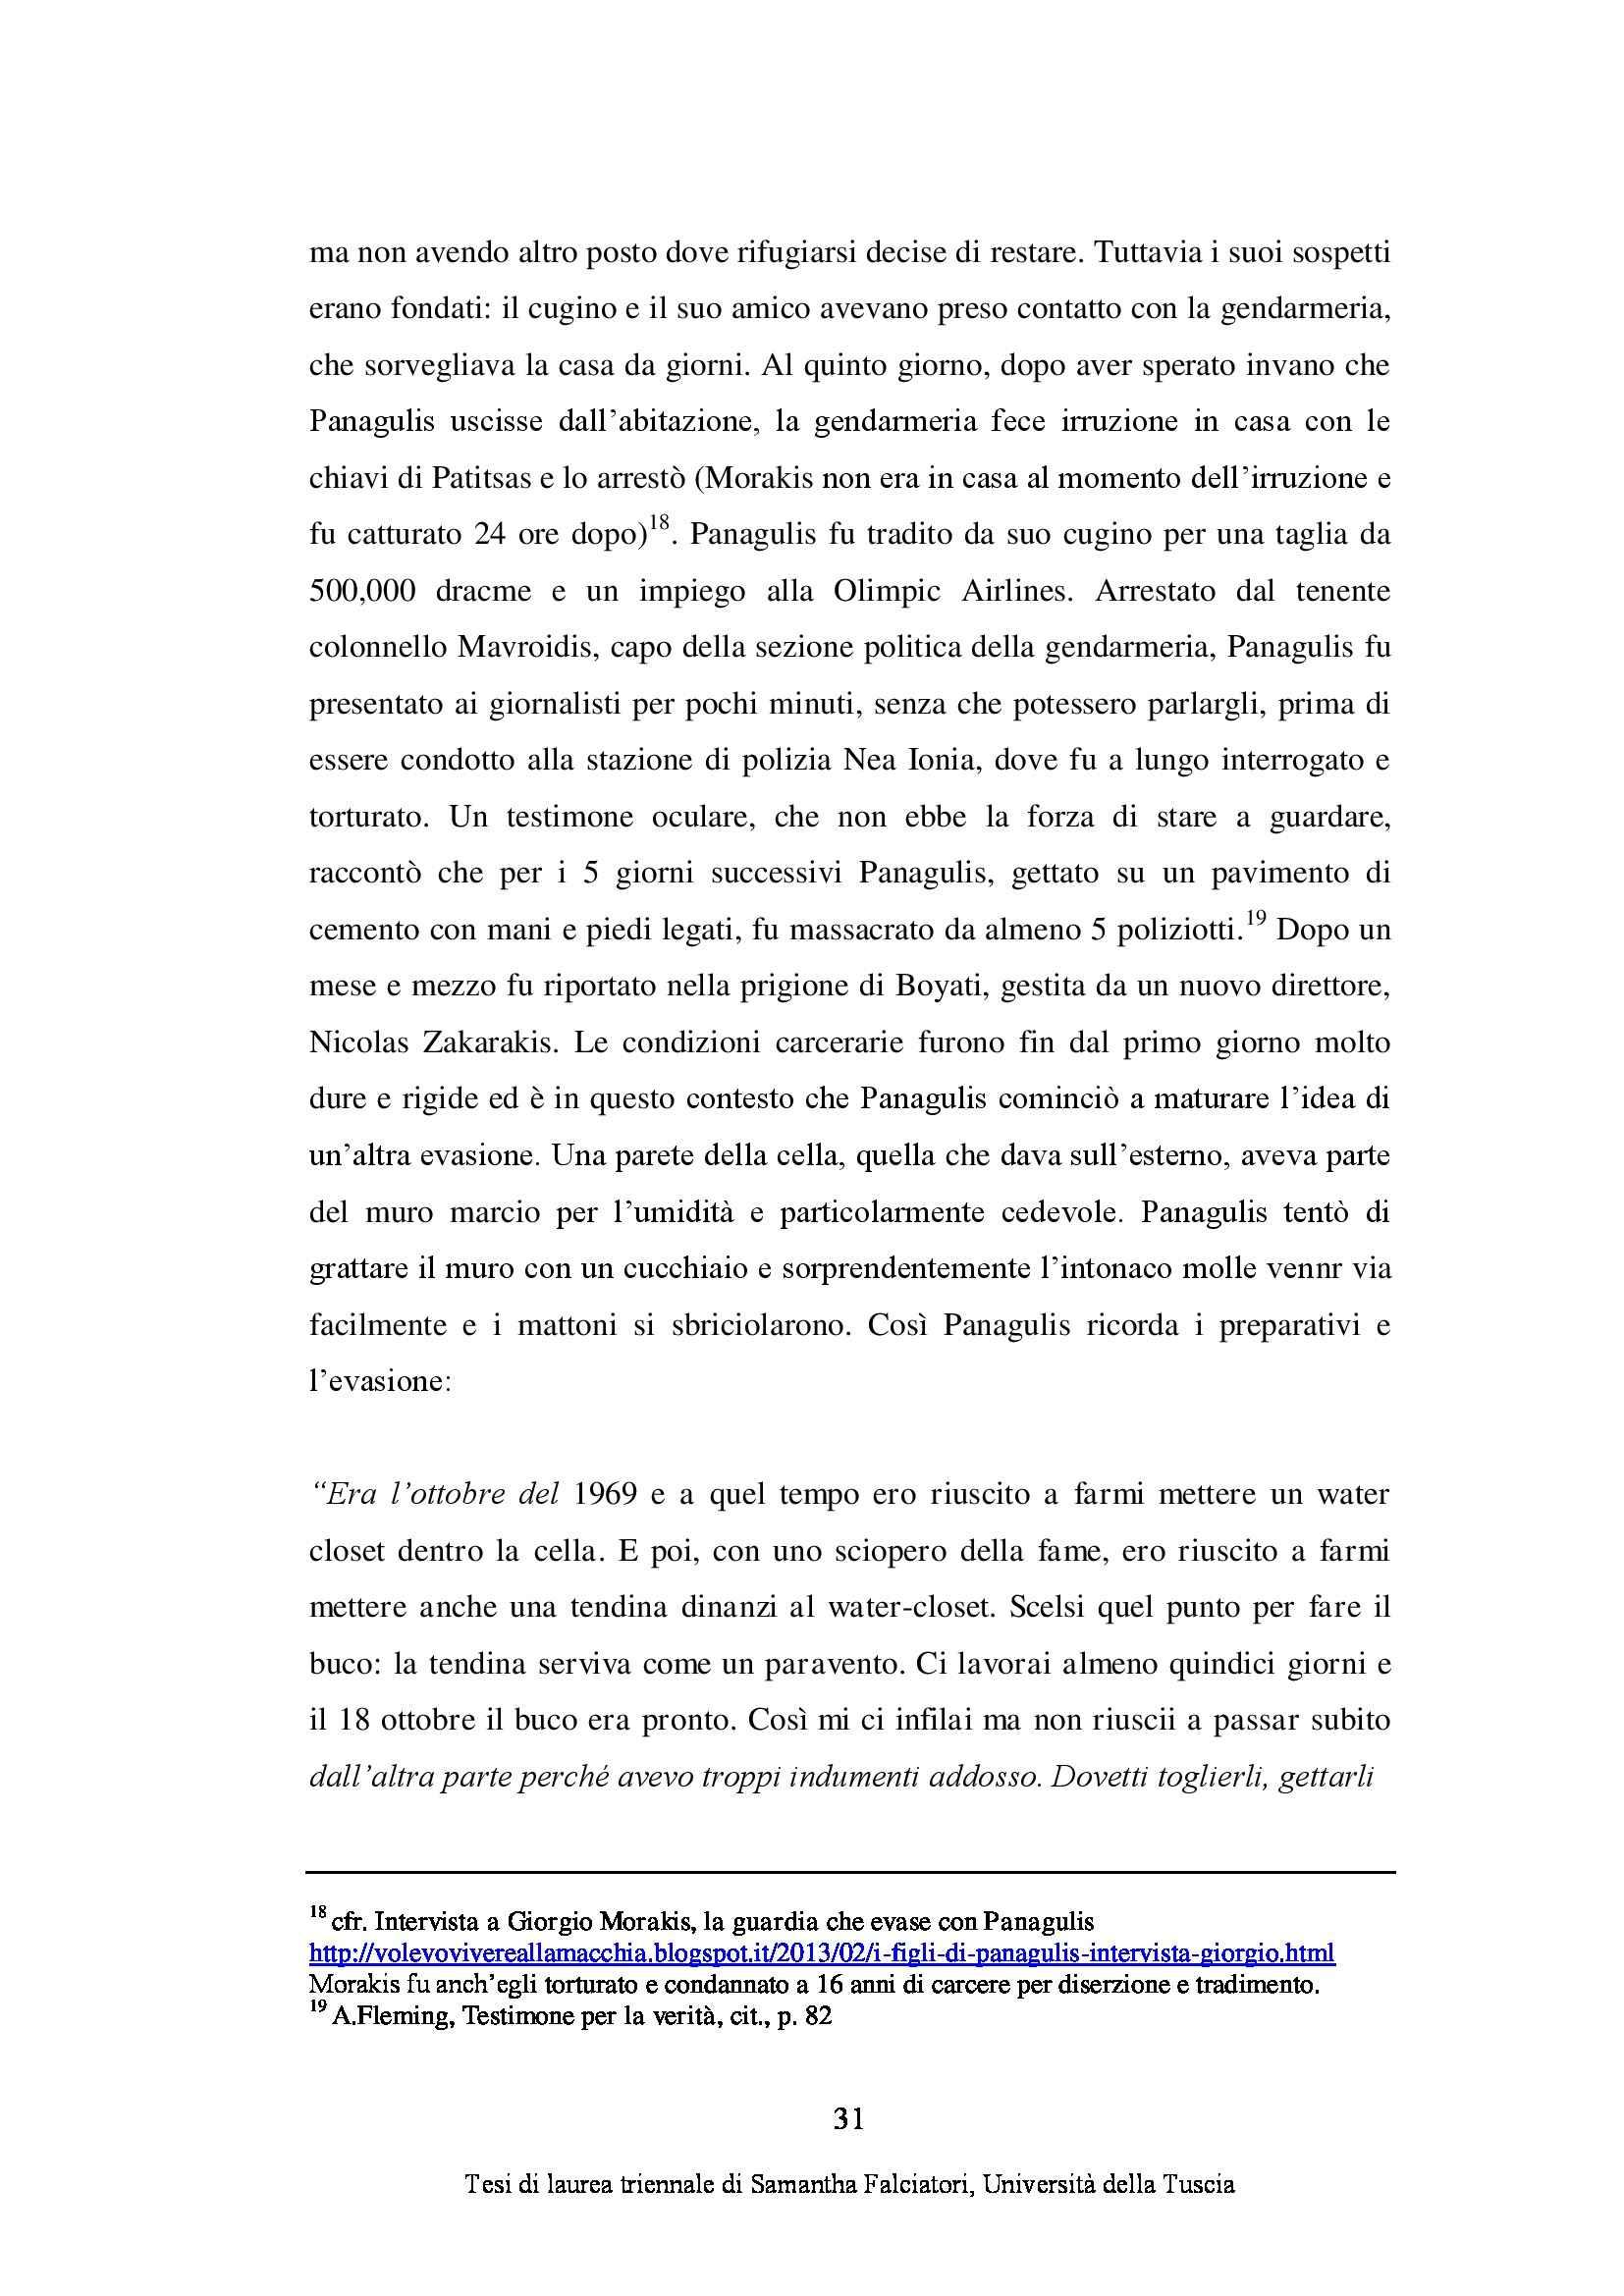 Tesi triennale - Alessandro Panagulis Pag. 36